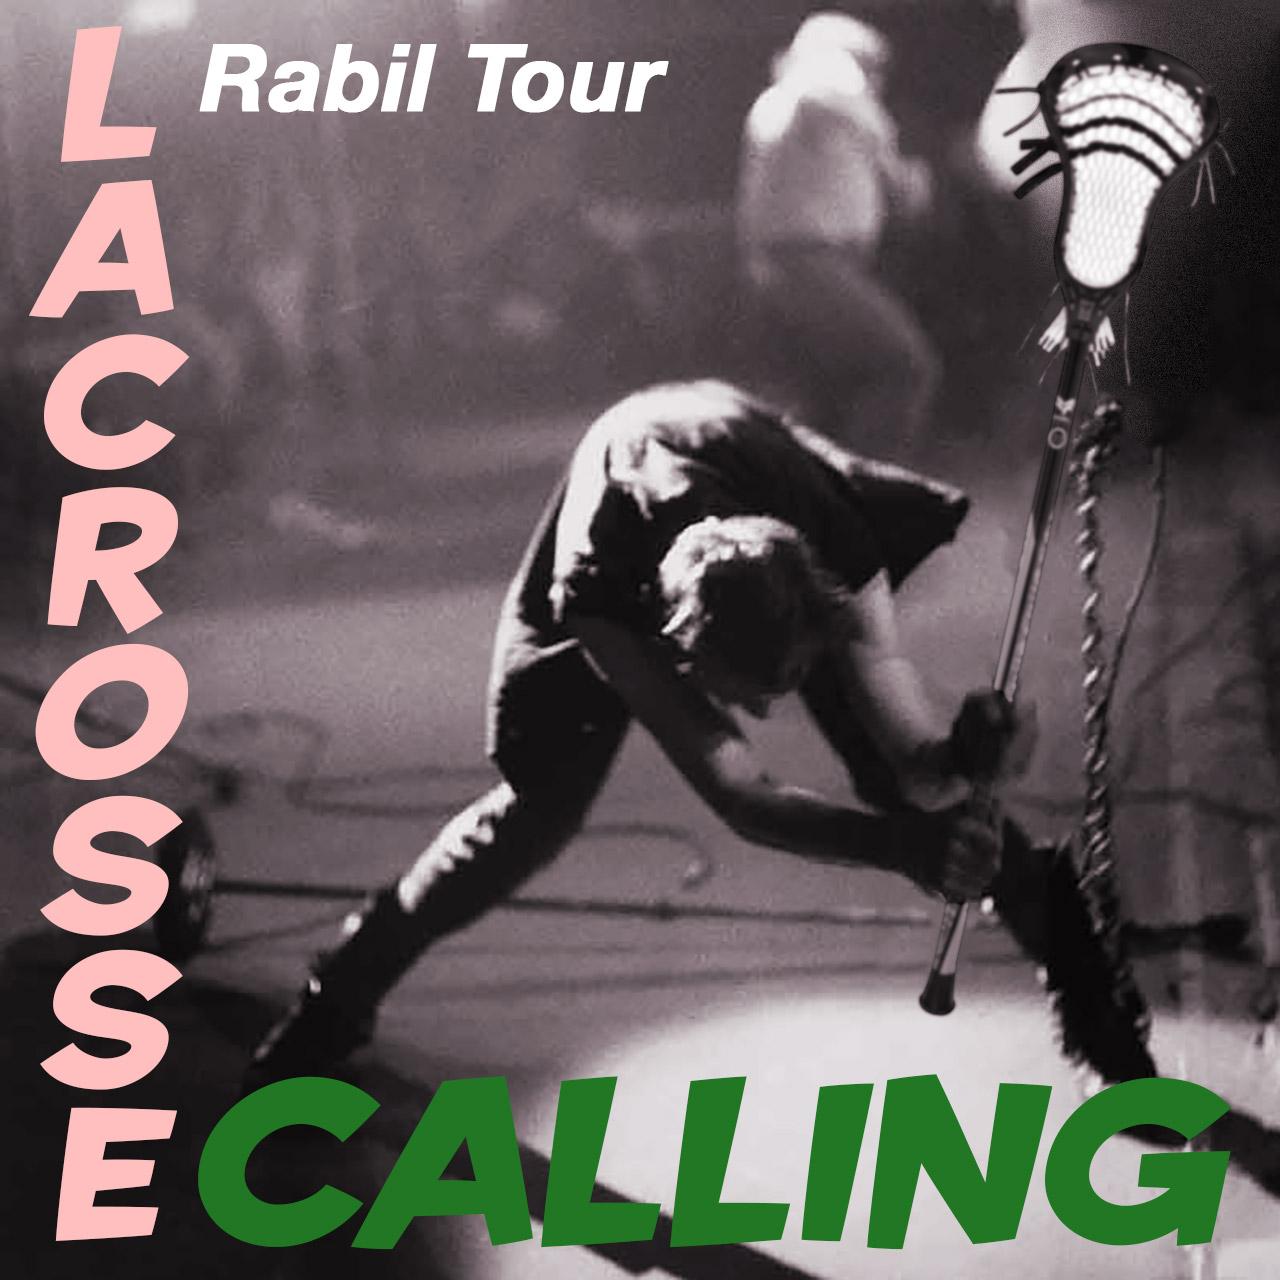 Paul Rabil Live! lacrosse tour parodies classic rock album covers